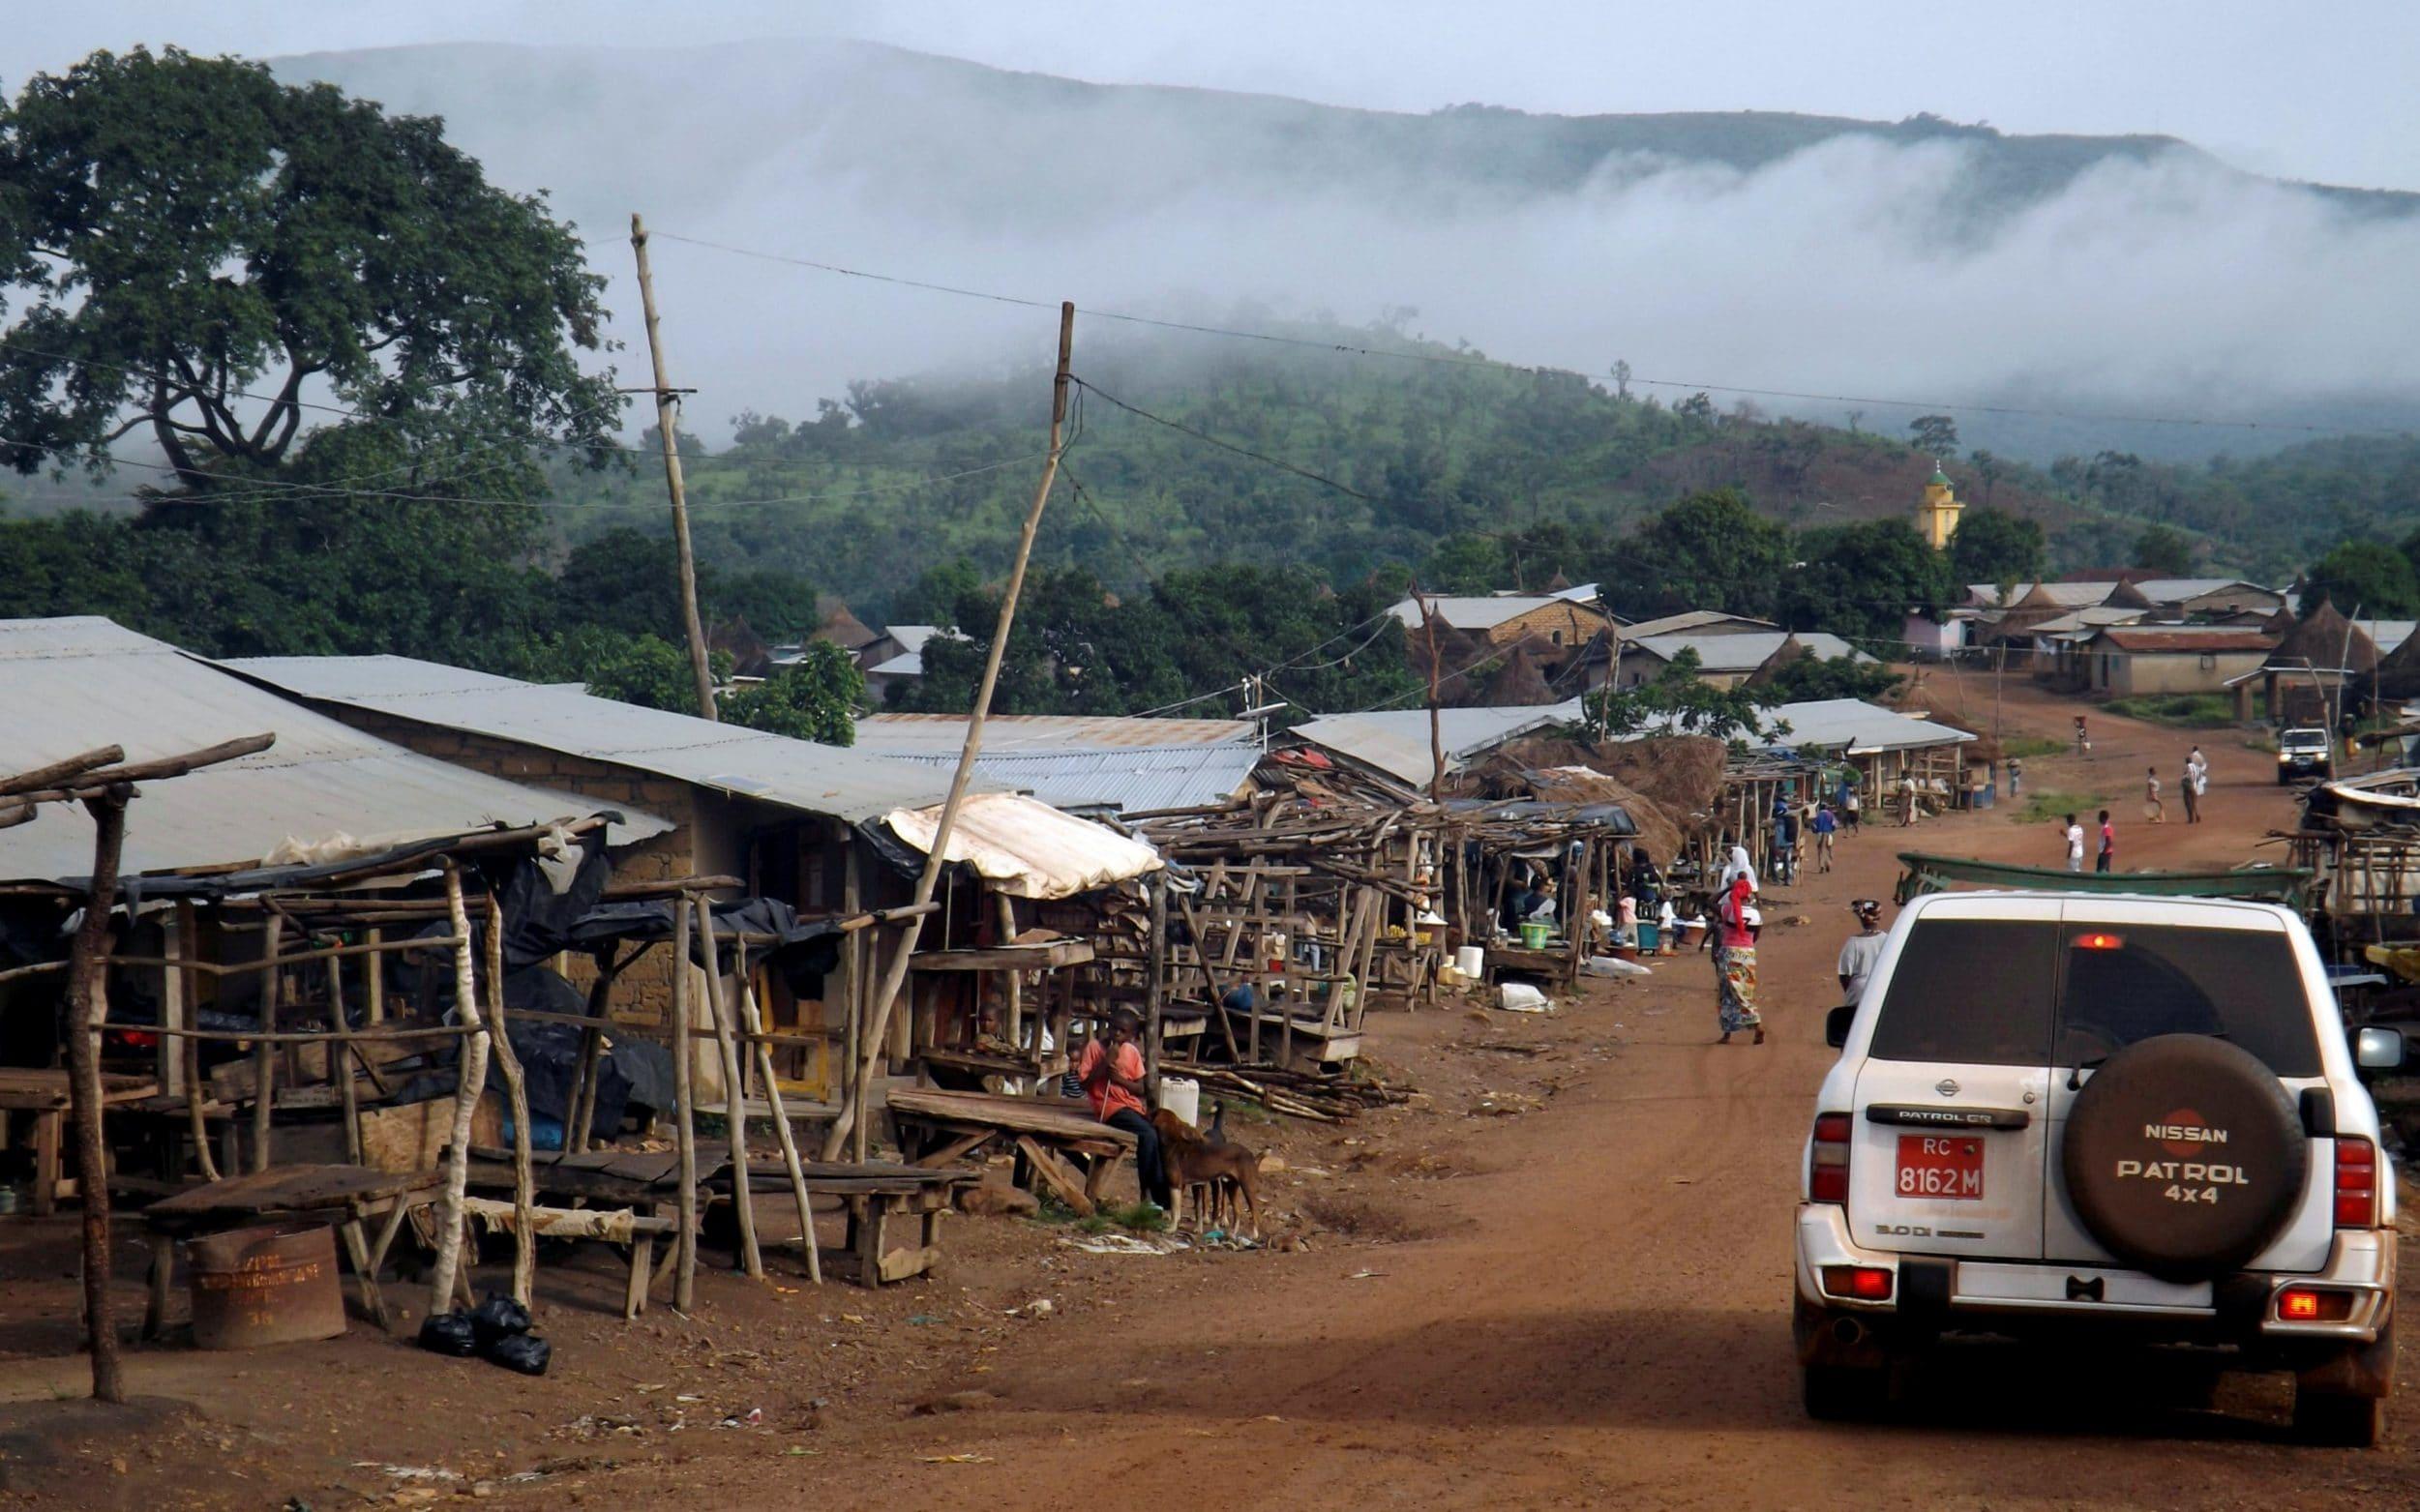 car in Guinea